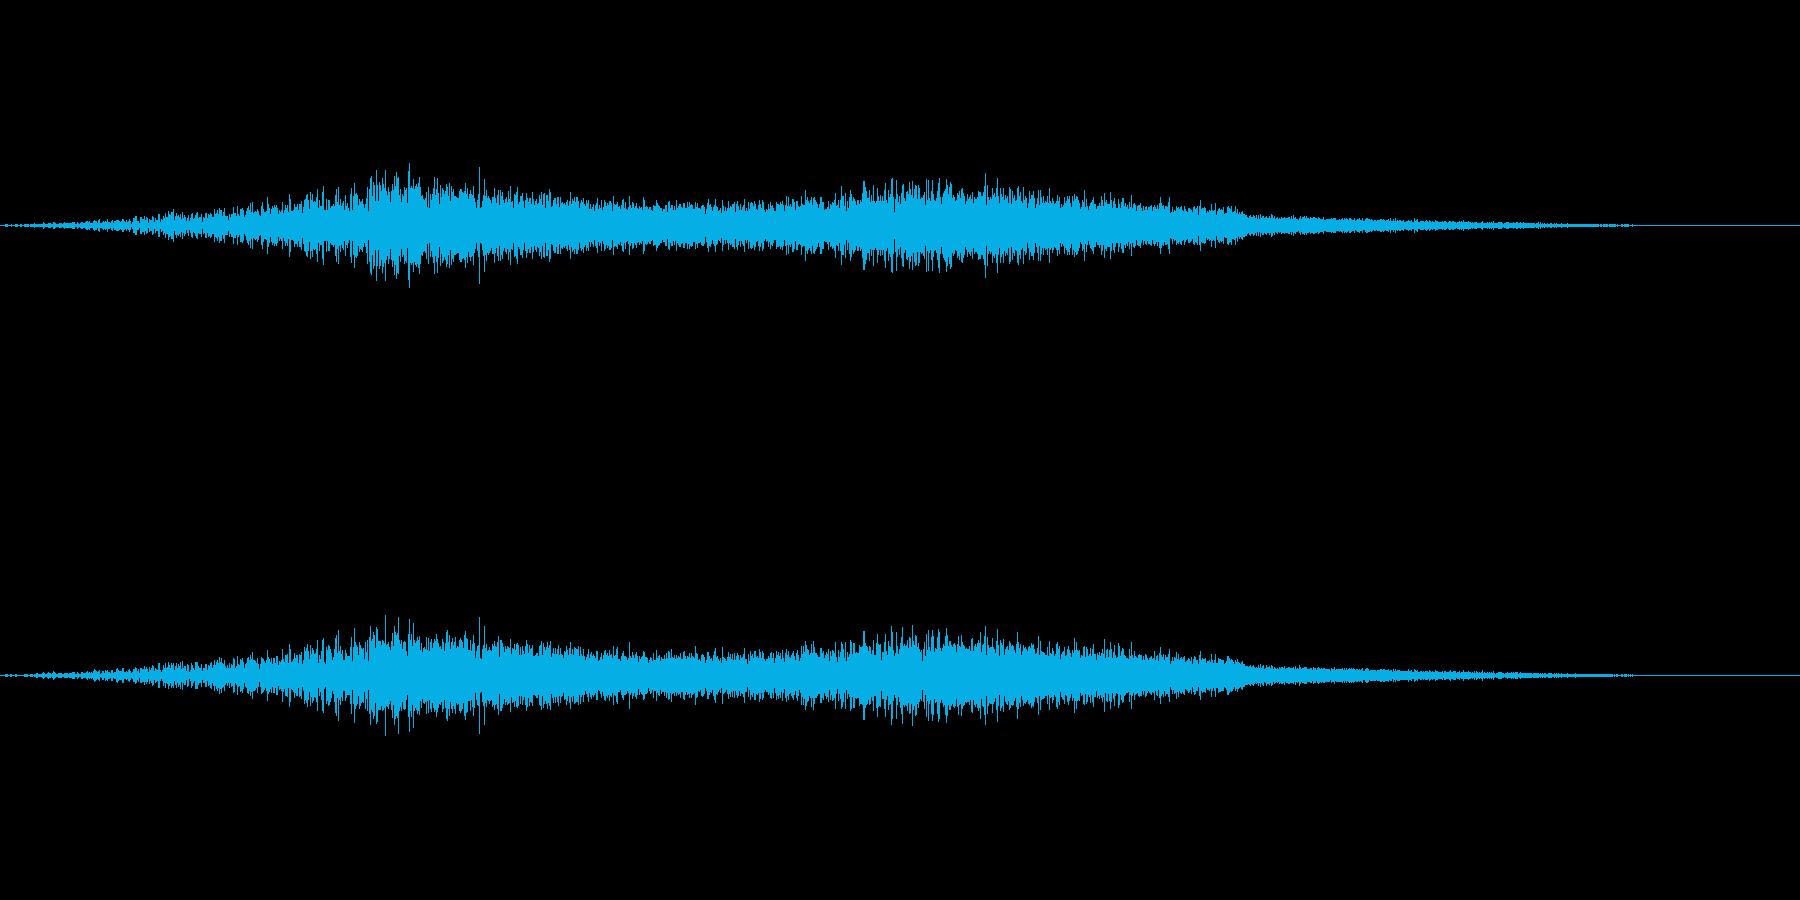 機械的な風の音(EDMなどにも効果的)の再生済みの波形